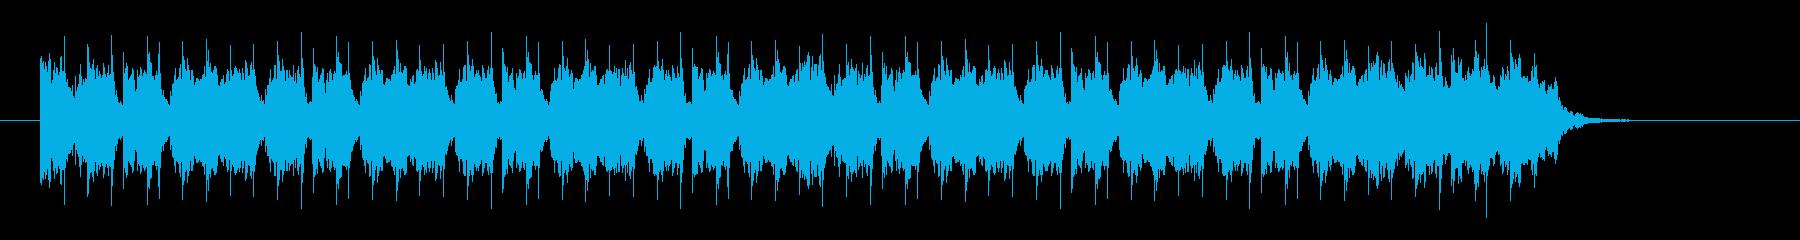 クイーカ(ウホウホ)陽気なラテン サビの再生済みの波形